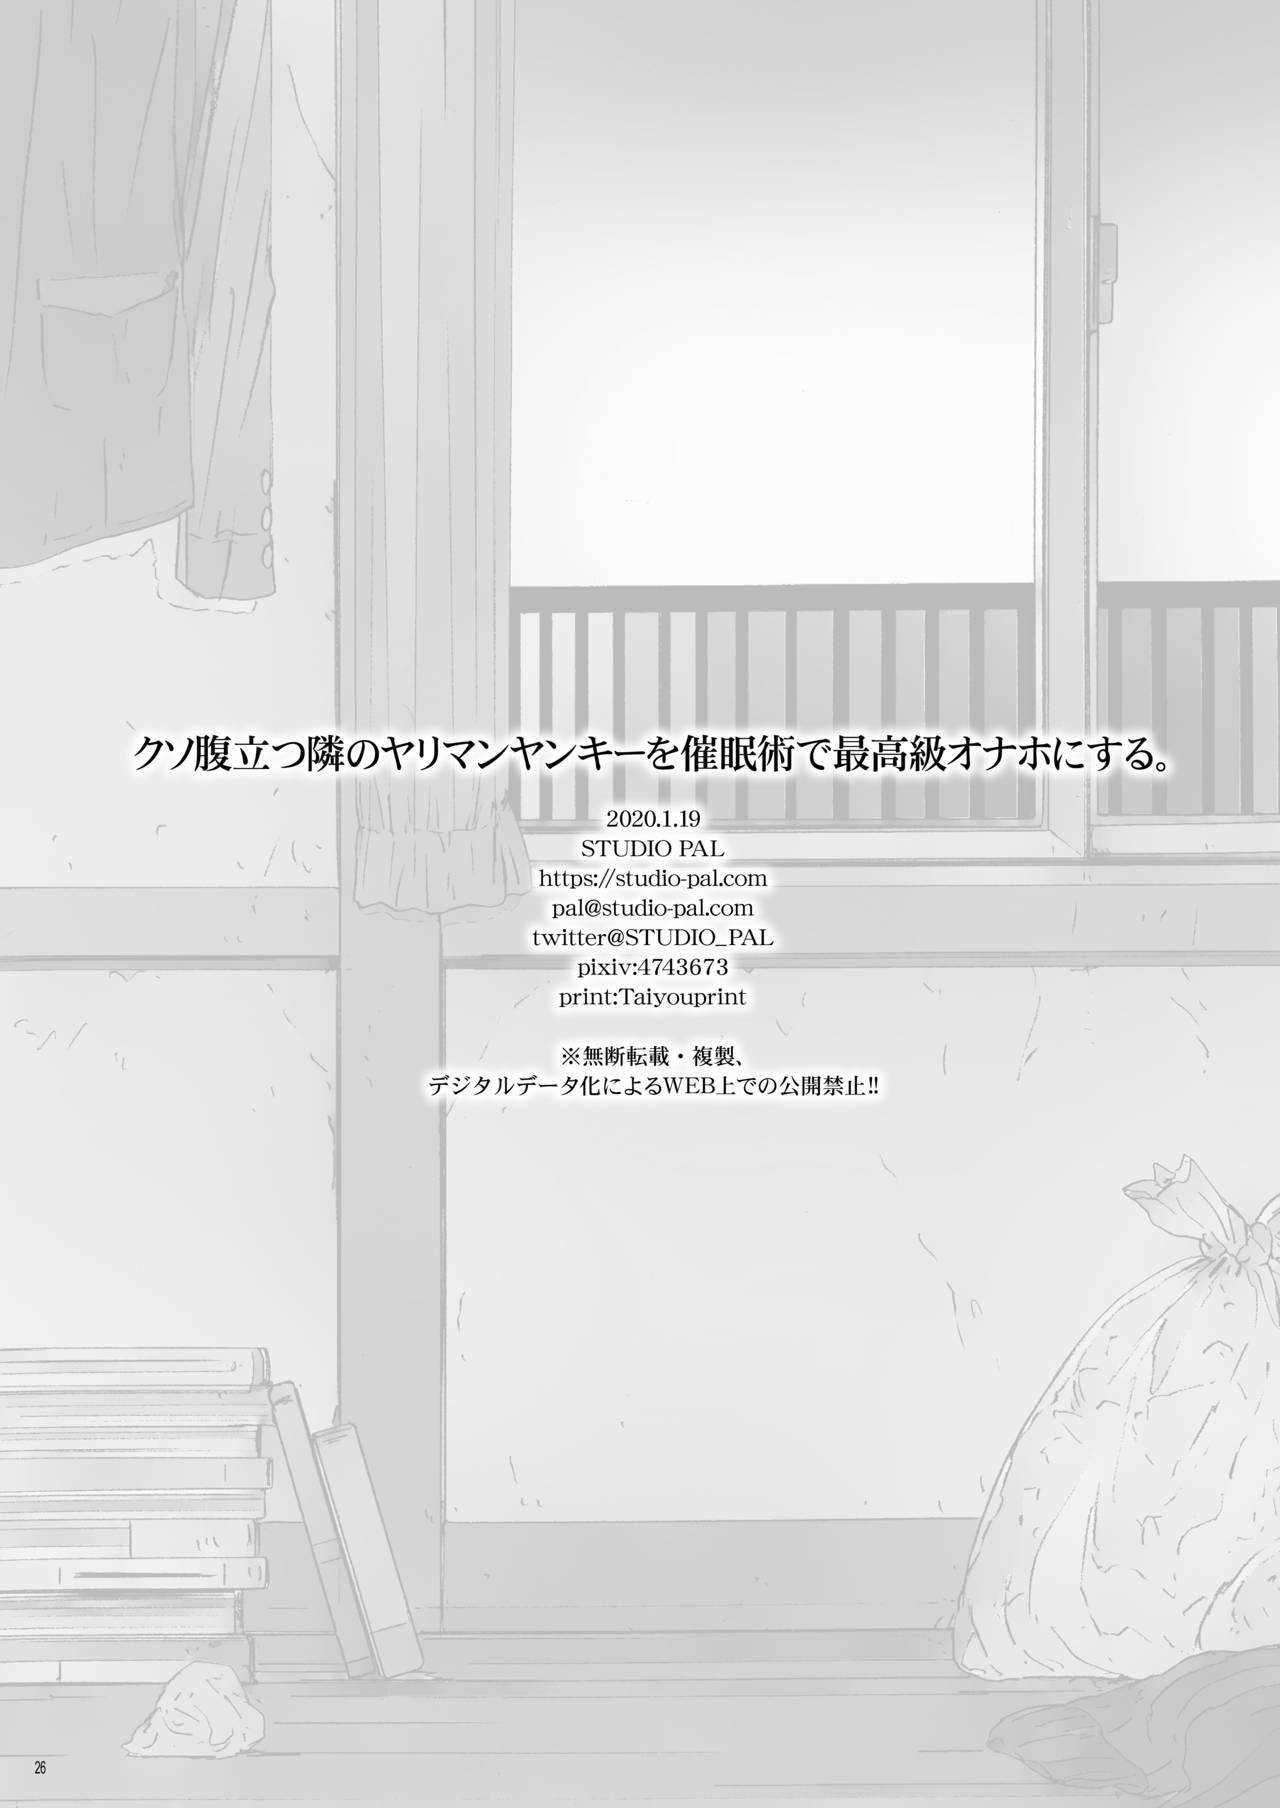 Kuso Haradatsu Tonari no Yariman Yankee o Saiminjutsu de Saikoukyuu Onaho ni Suru 25